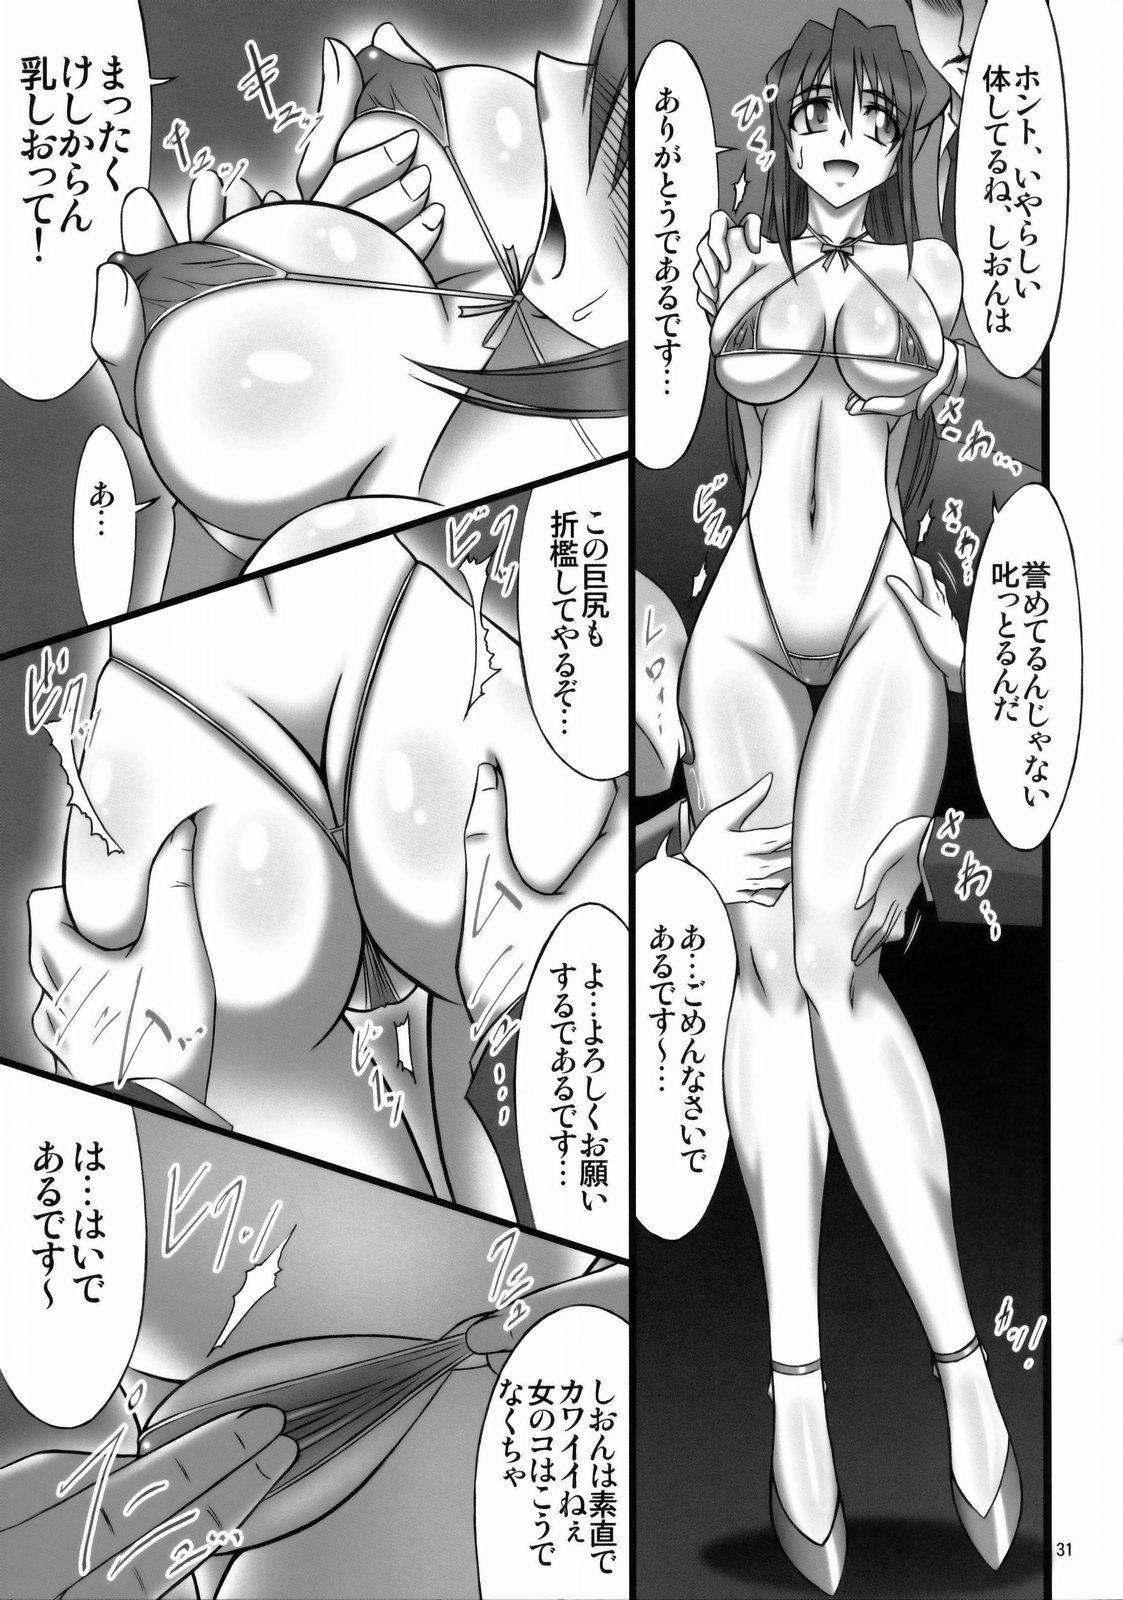 Angel's stroke 33 Tetsuwan Kuunyan 2 31